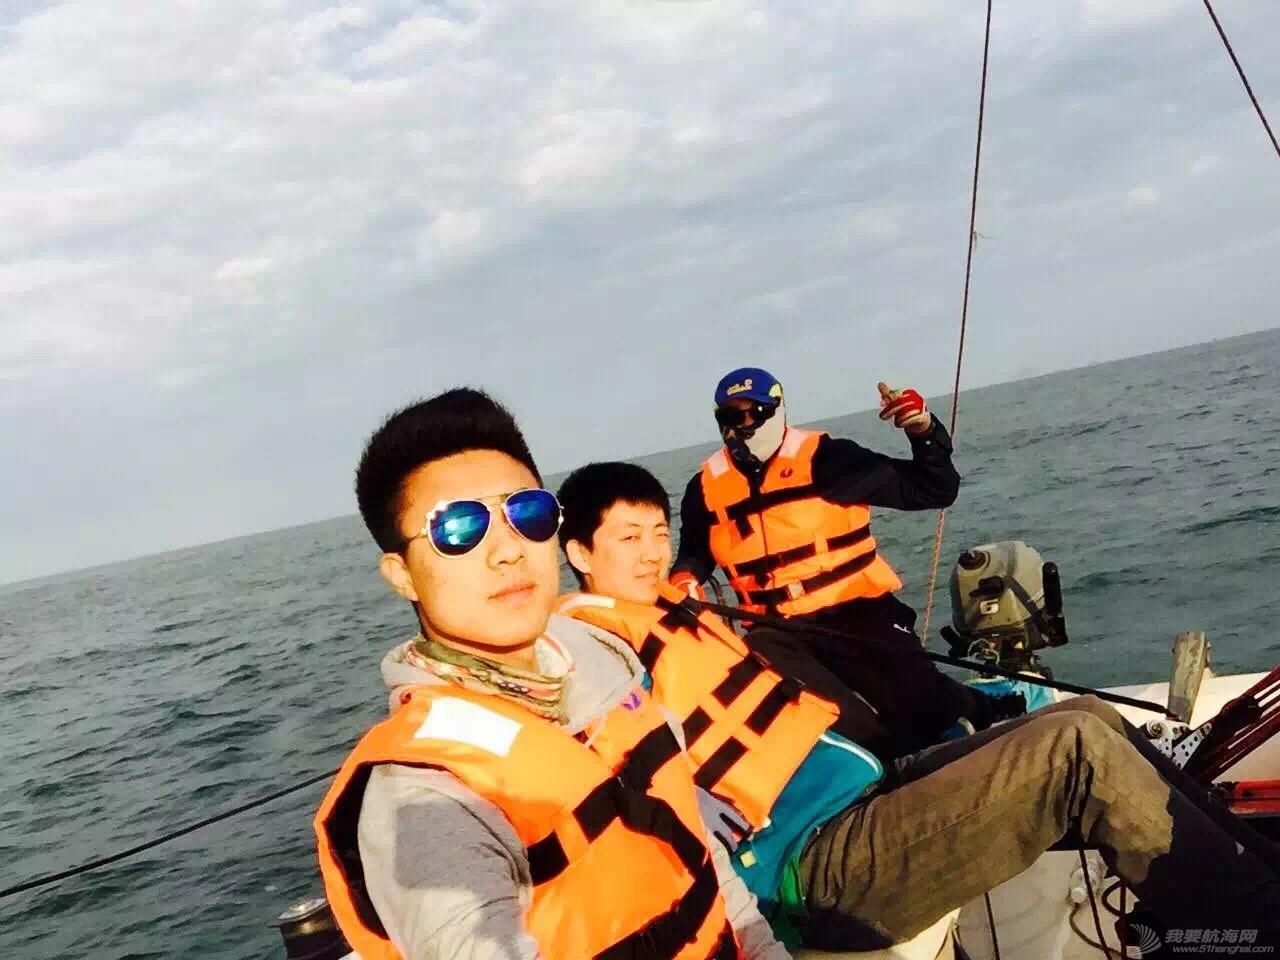 玩儿帆船是一种生活方式 IMG_9084.JPG